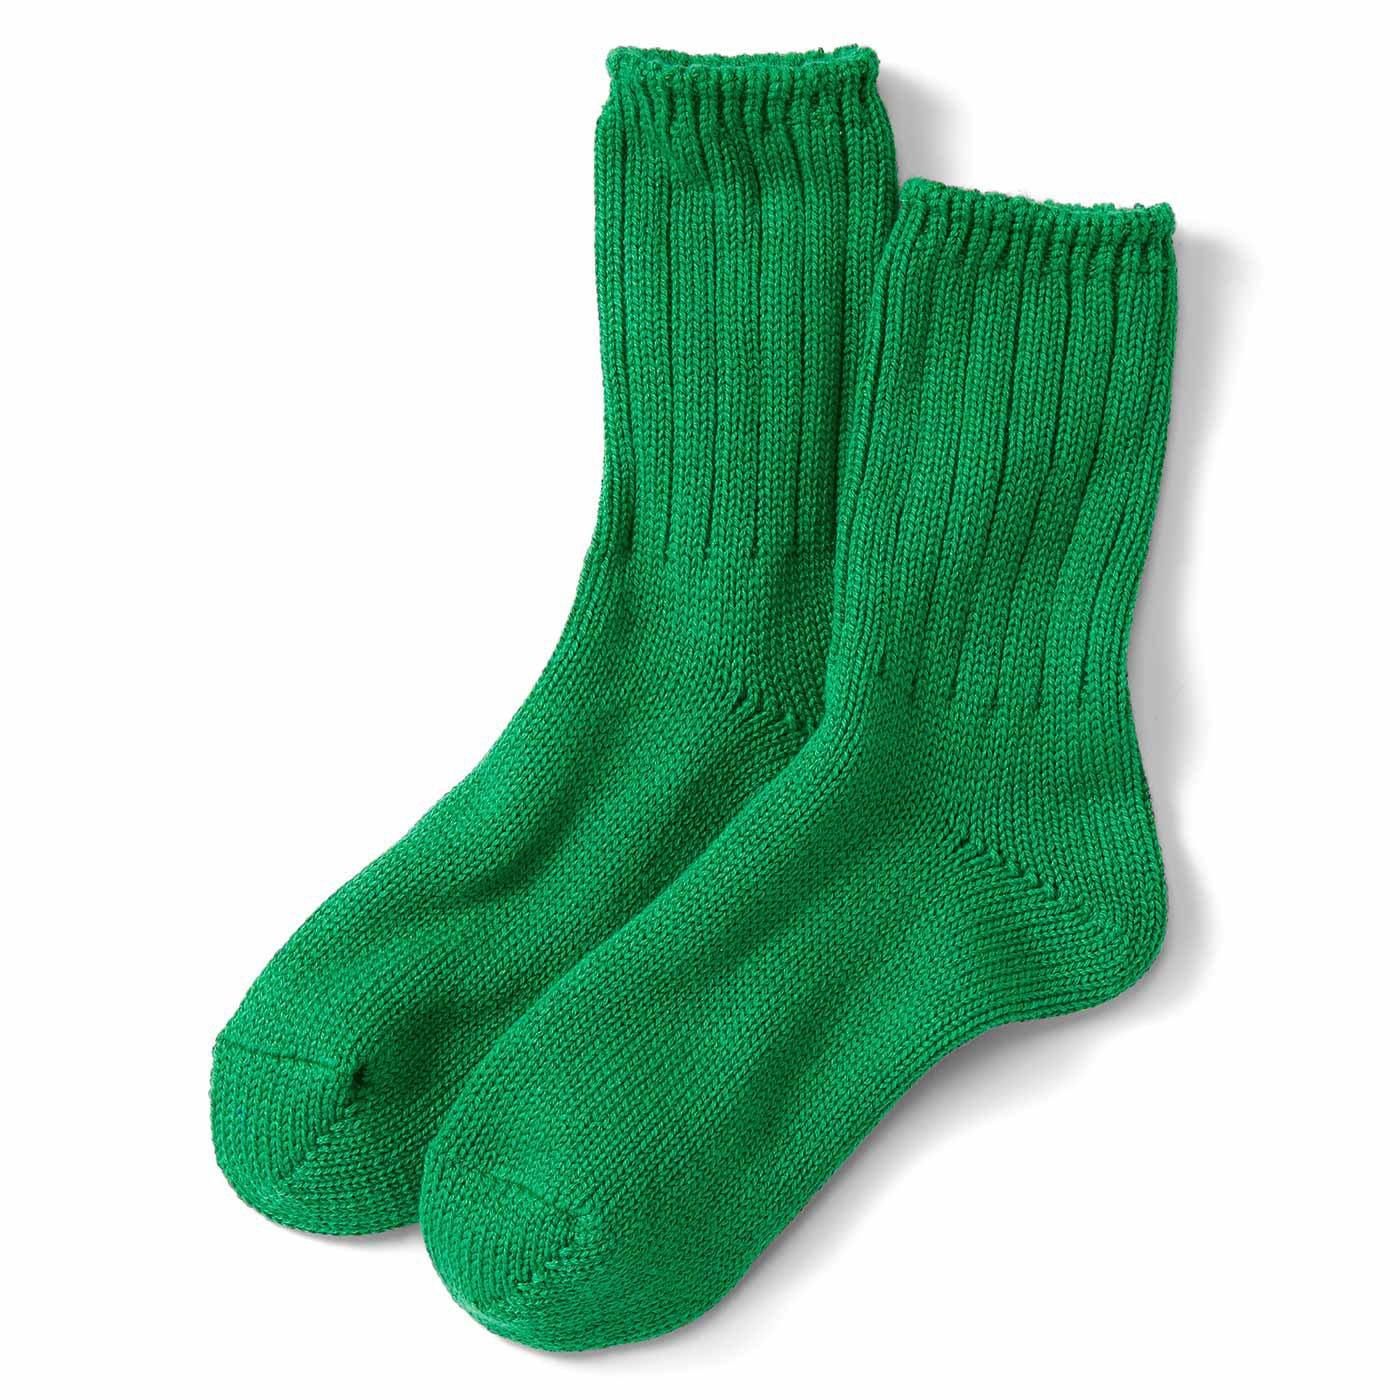 カラフルカラーのざっくりショート丈靴下〈グリーン〉